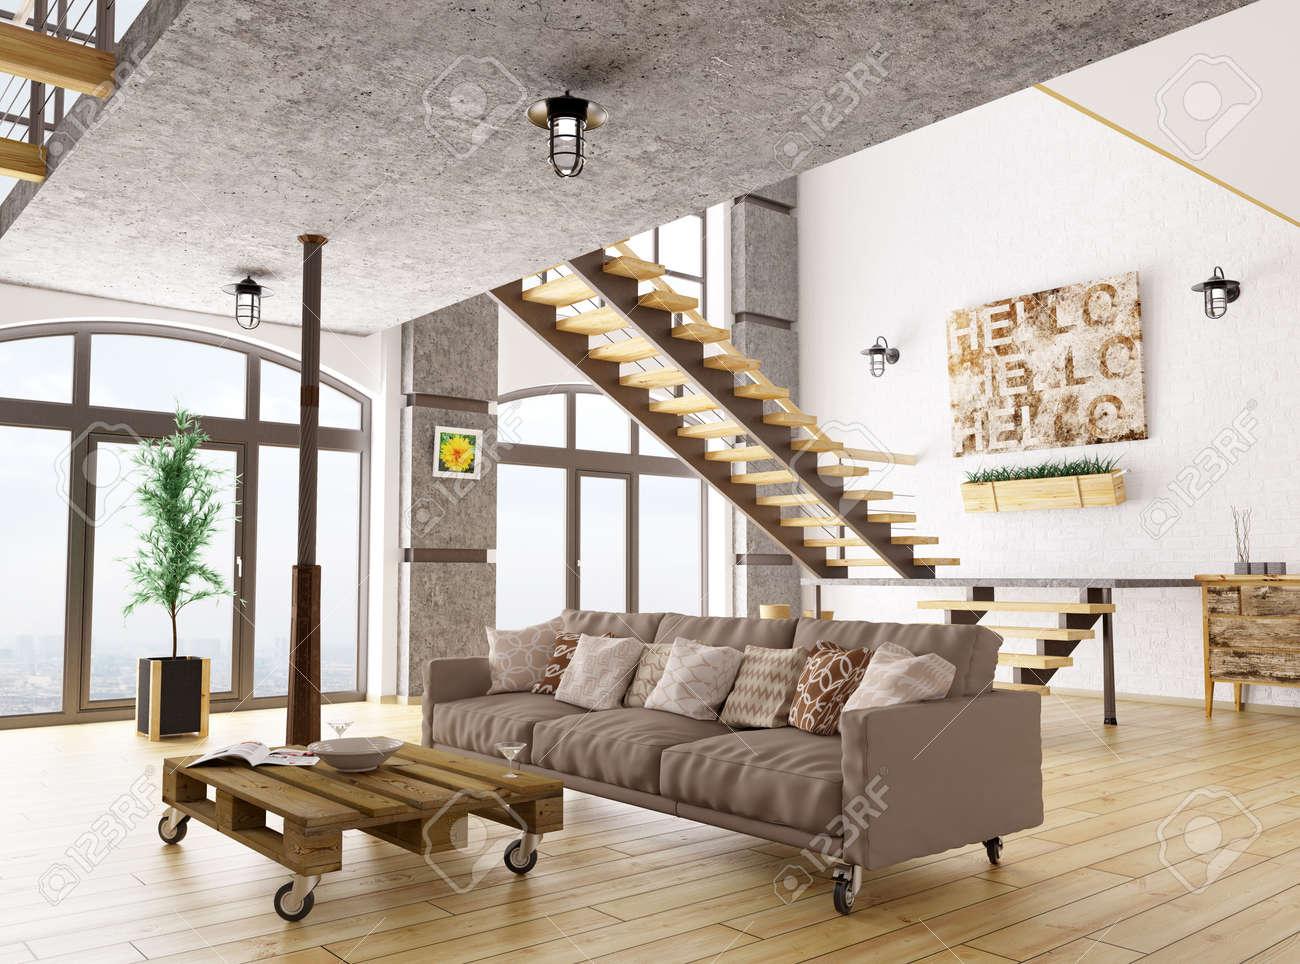 Escalier Dans Un Salon intérieur d'un salon avec canapé, escalier 3d render